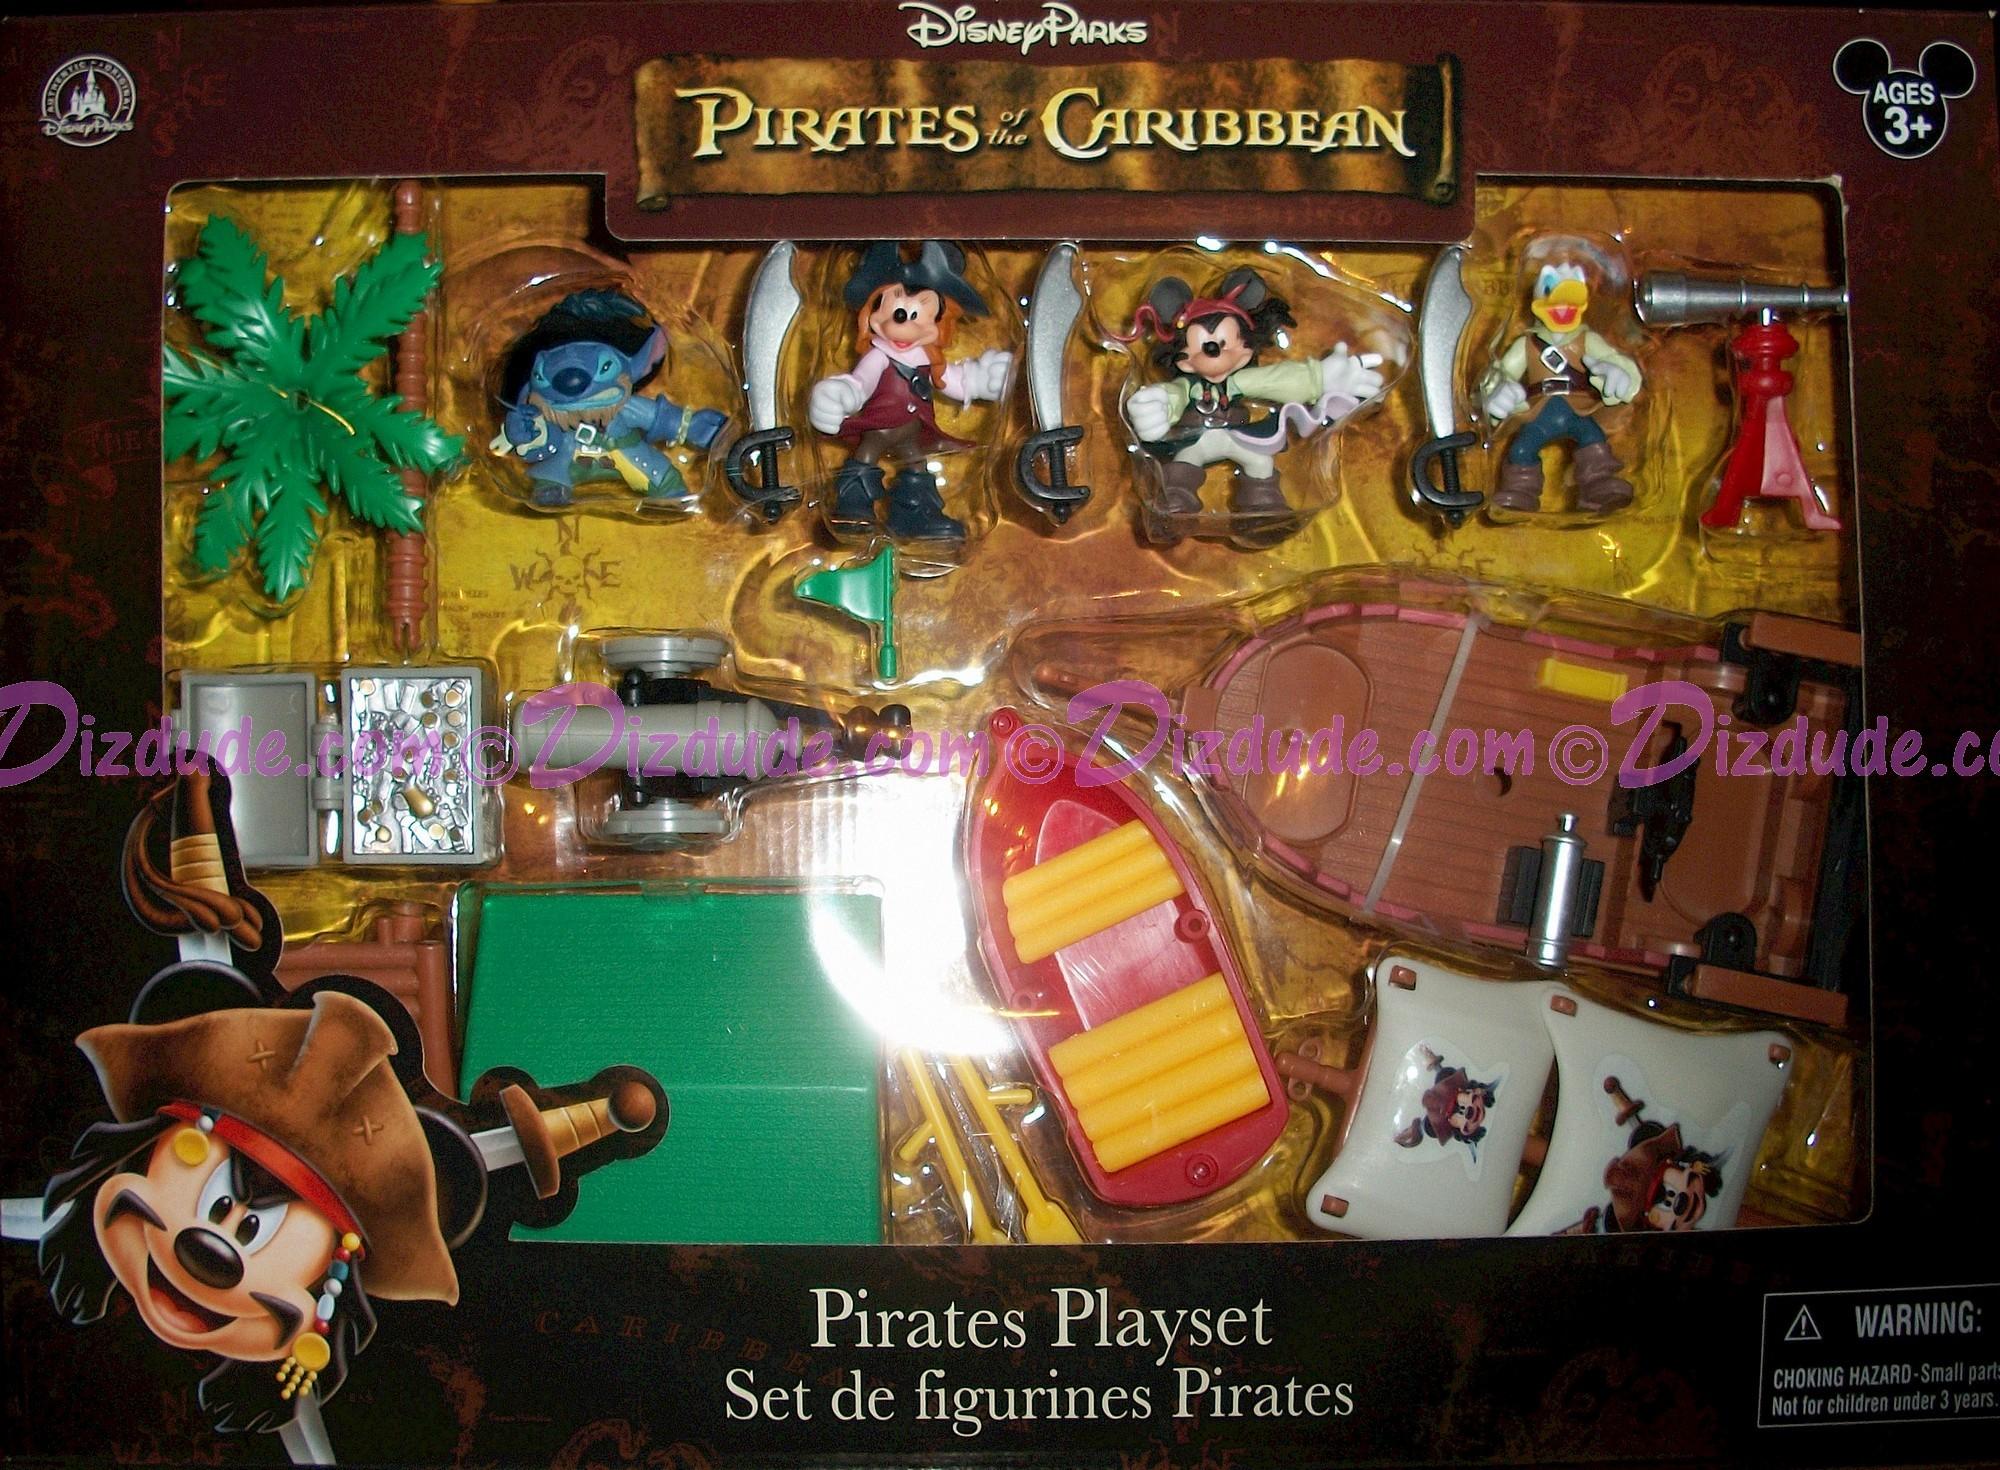 Disney's Pirates of the Caribbean Pirates Playset © Dizdude.com